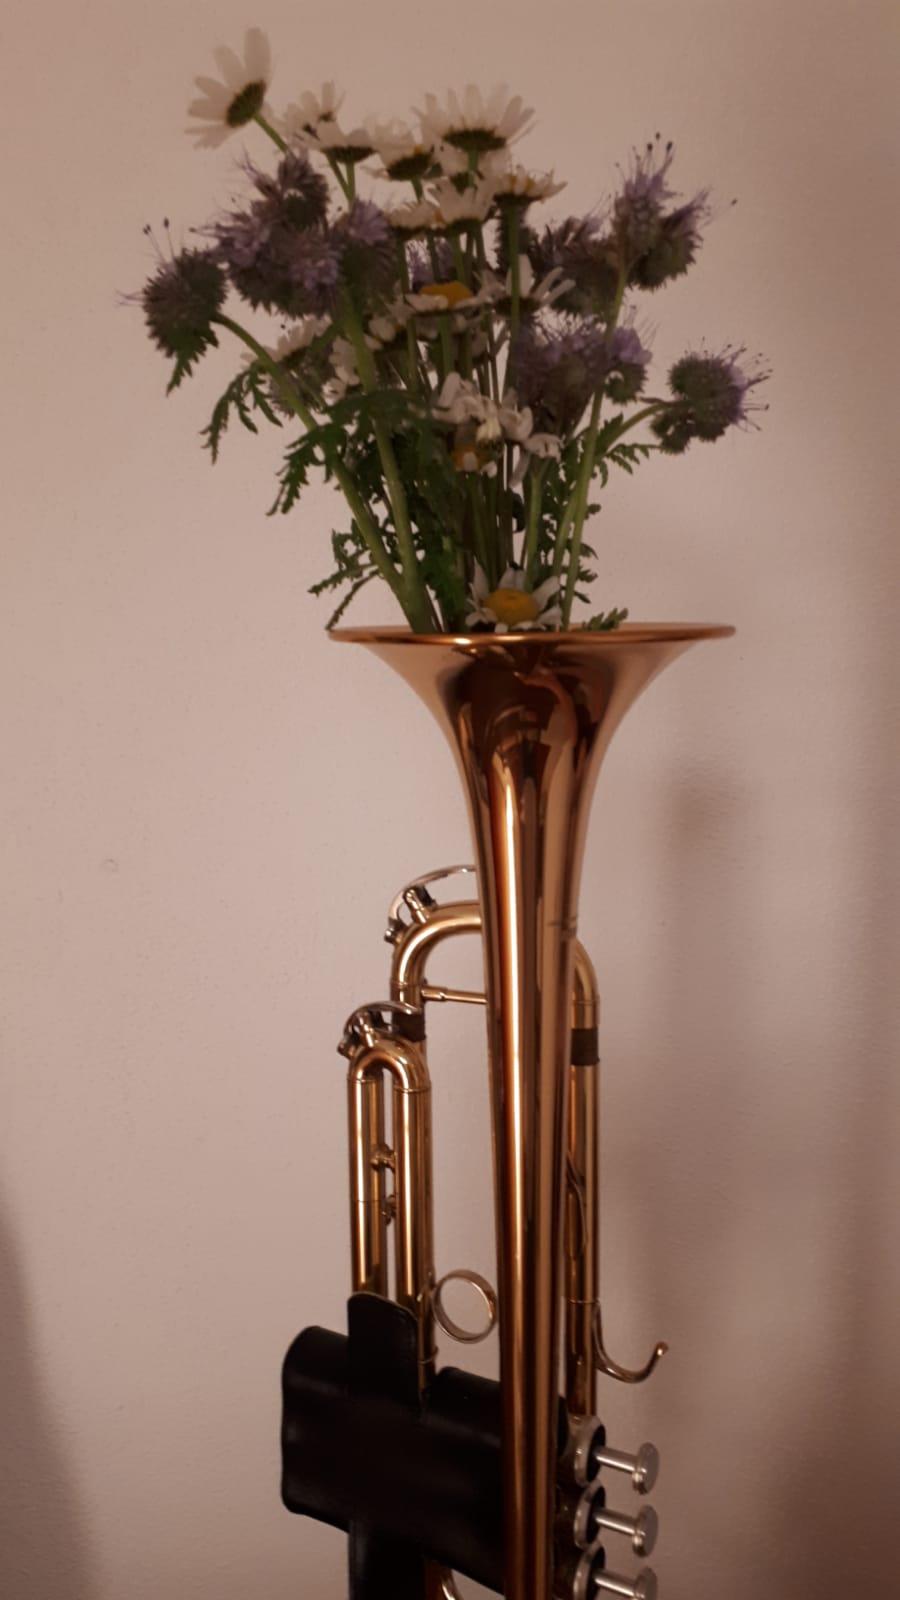 """Bei so manchem Musiker wachsen schon die Blumen aus dem Instrument. Vielen Dank für die """"Trompetenblume"""" unseres Künstlers Stephan Ketterl."""